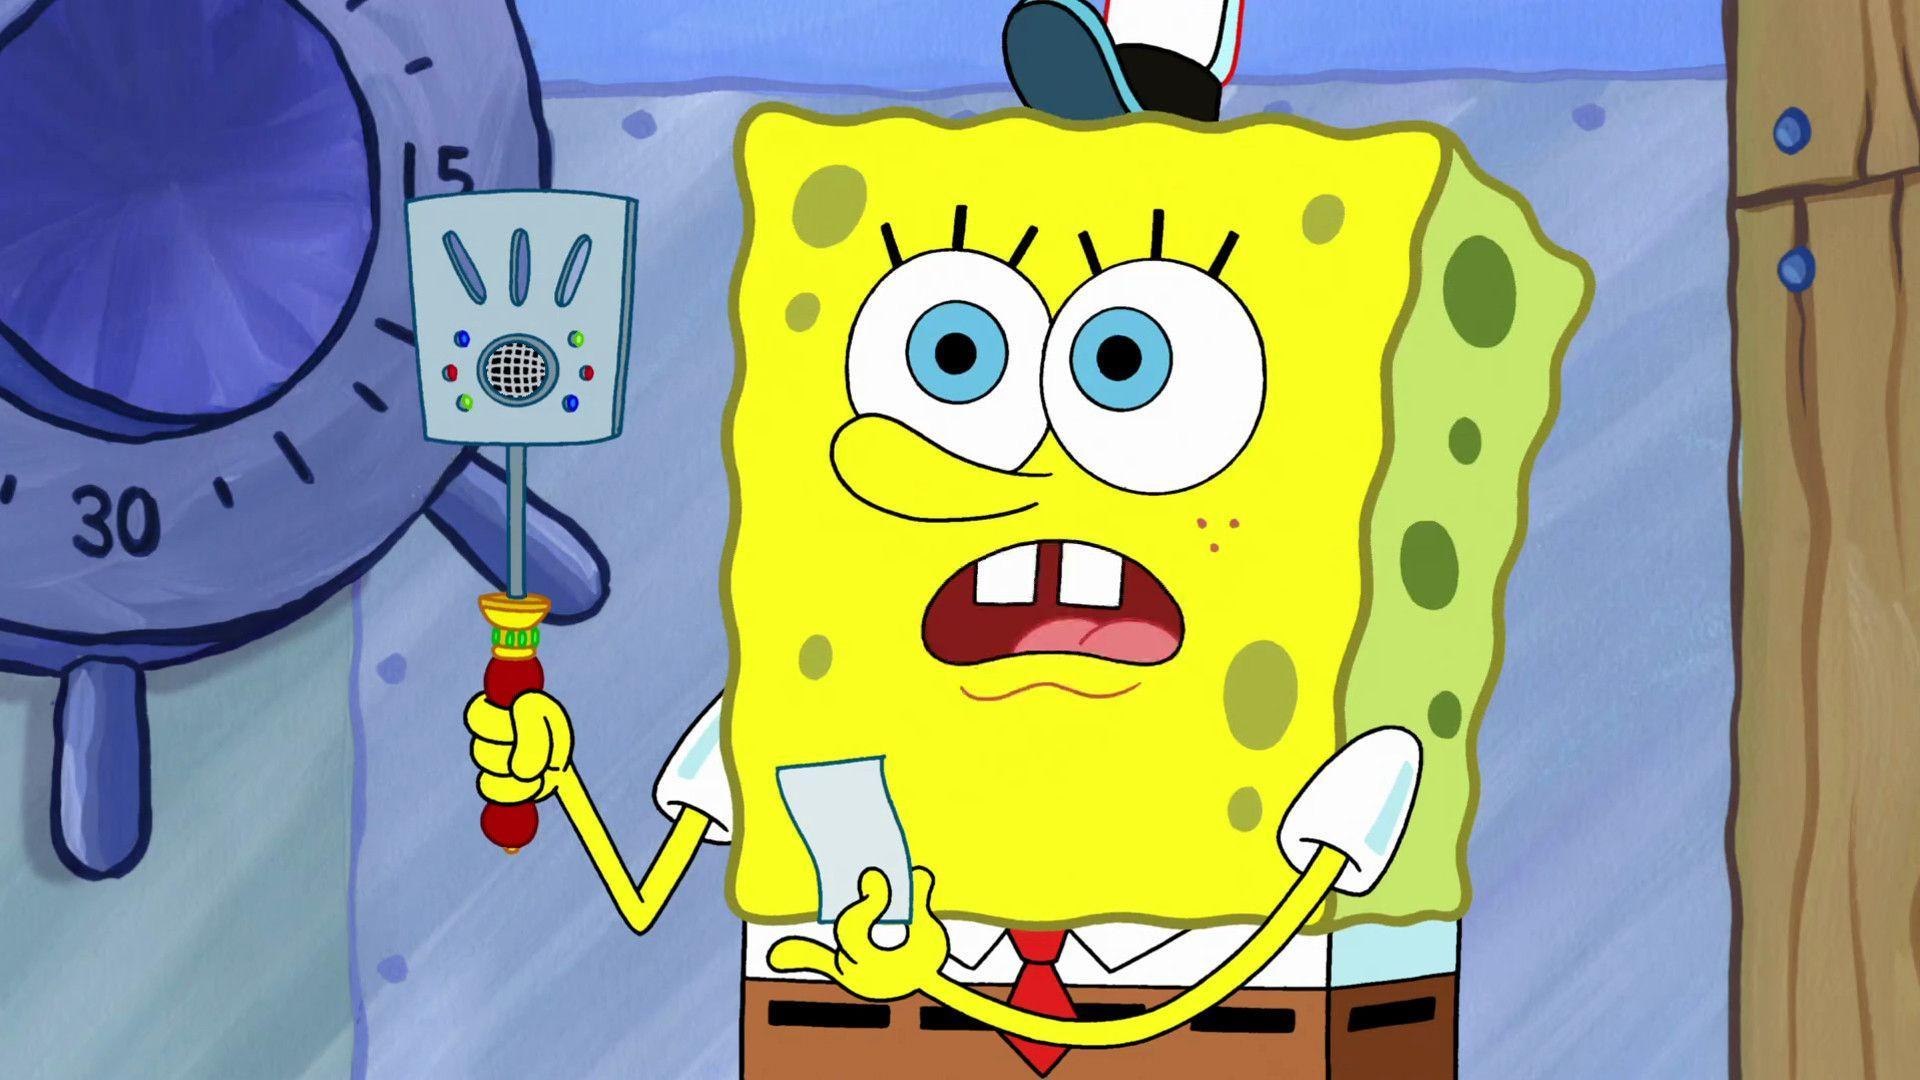 Aesthetic Spongebob Desktop Wallpapers Top Free Aesthetic